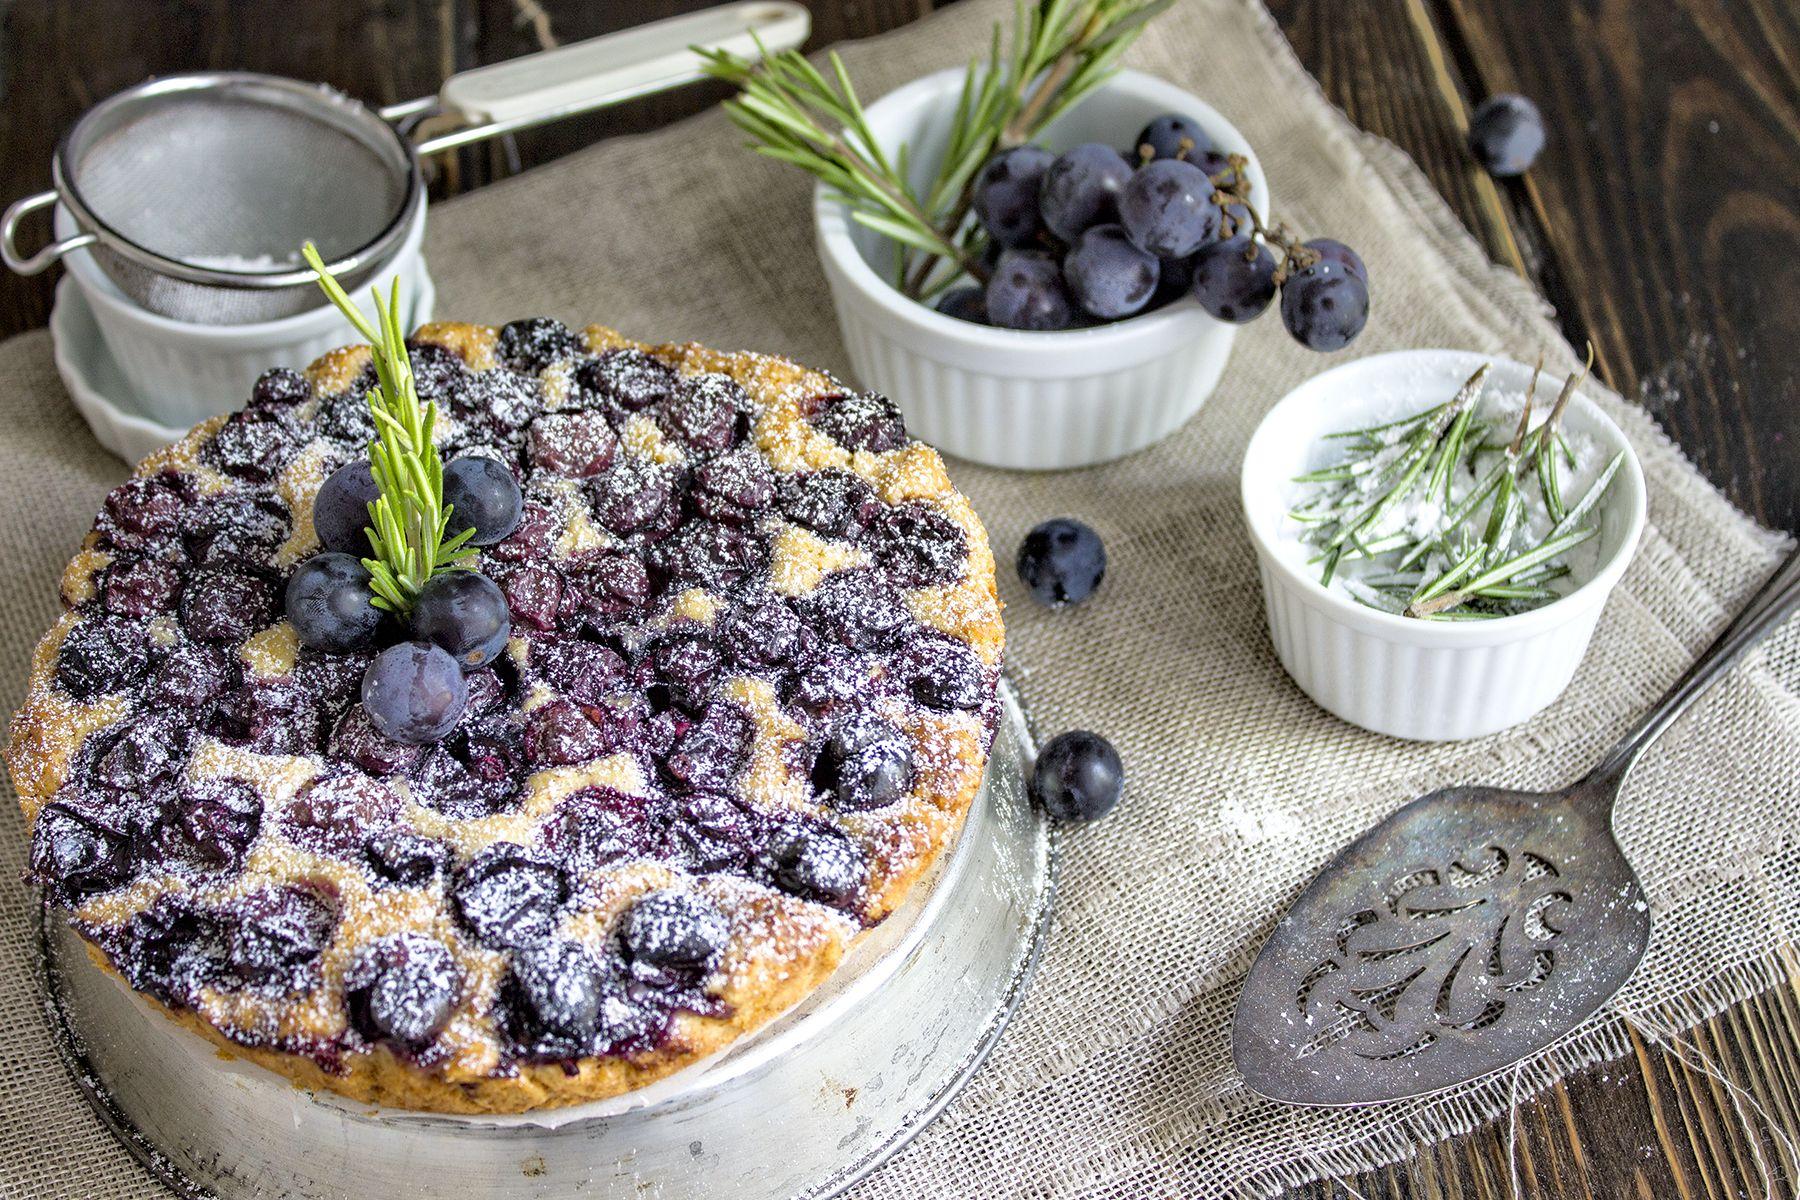 La ricetta della torta all'uva fragola